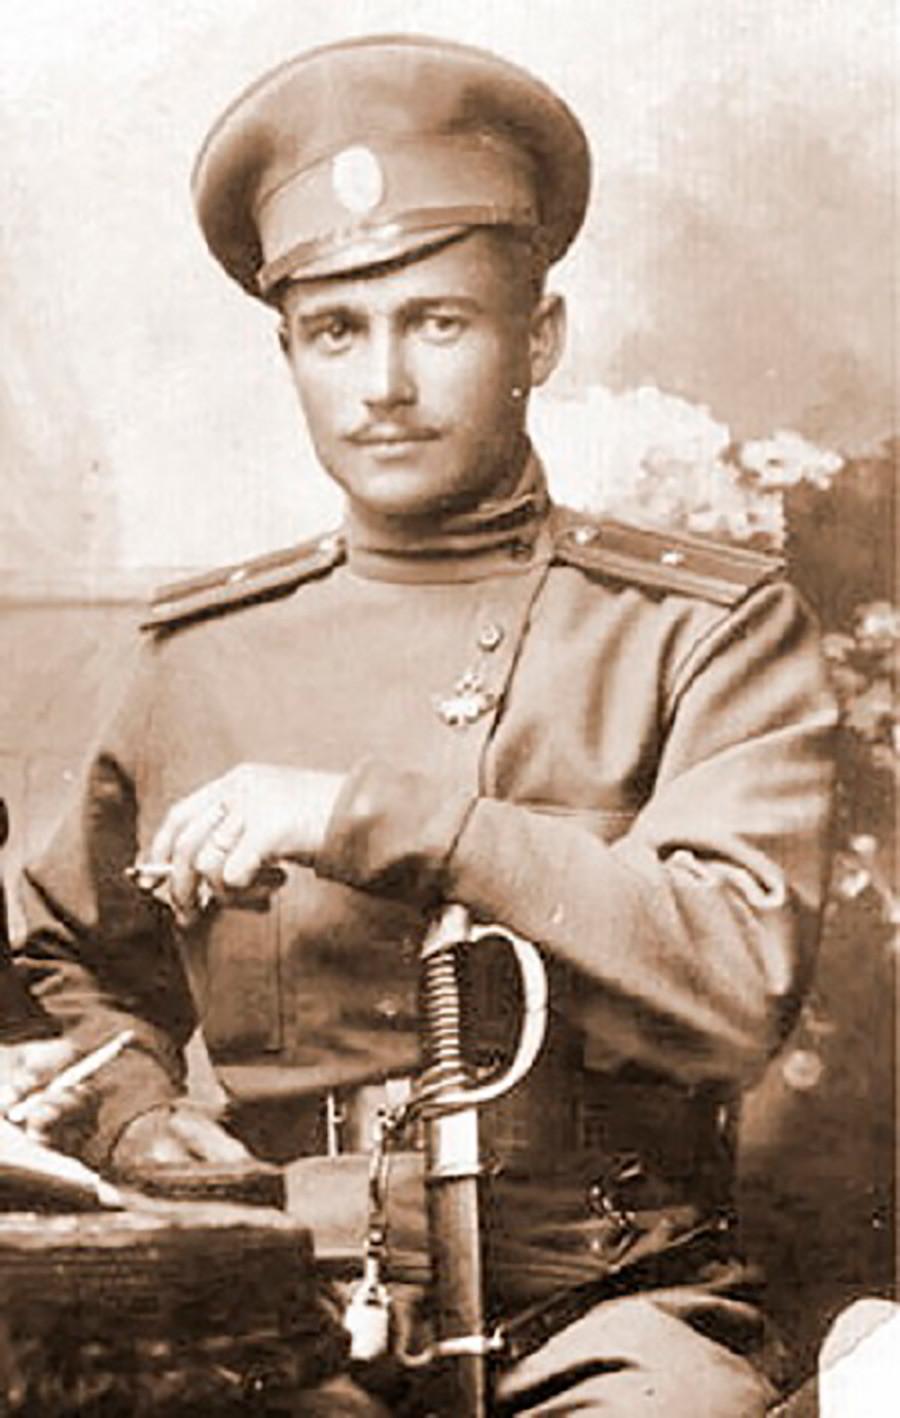 Vladimir Kotlinsky